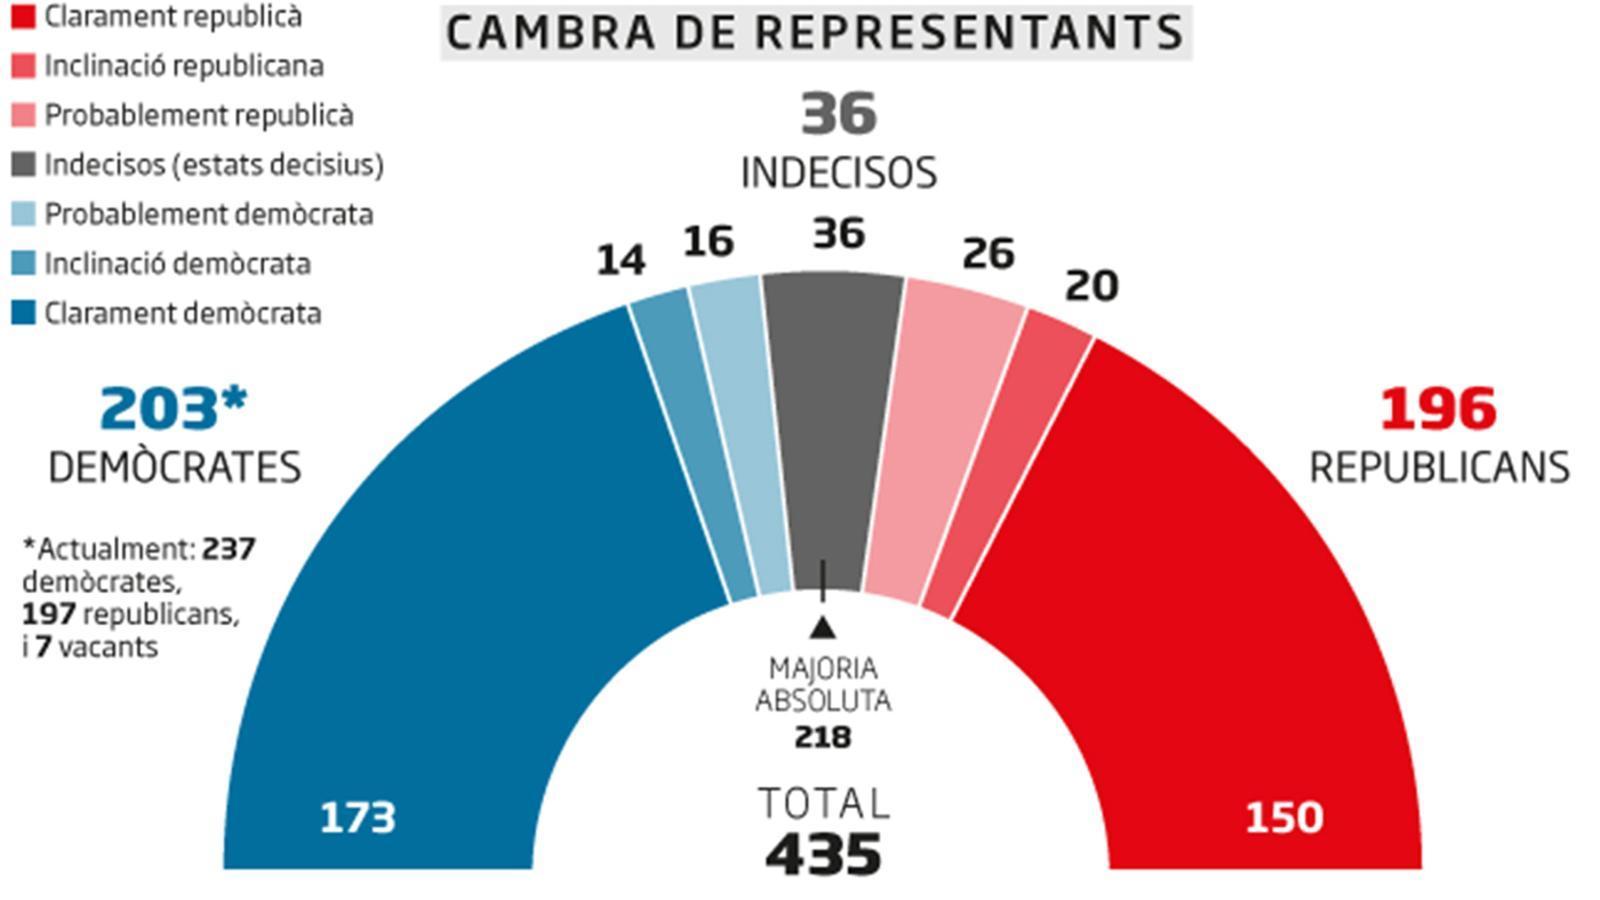 La batalla per la Cambra de Representants, segons RealClearPolitics / M. ASÍN